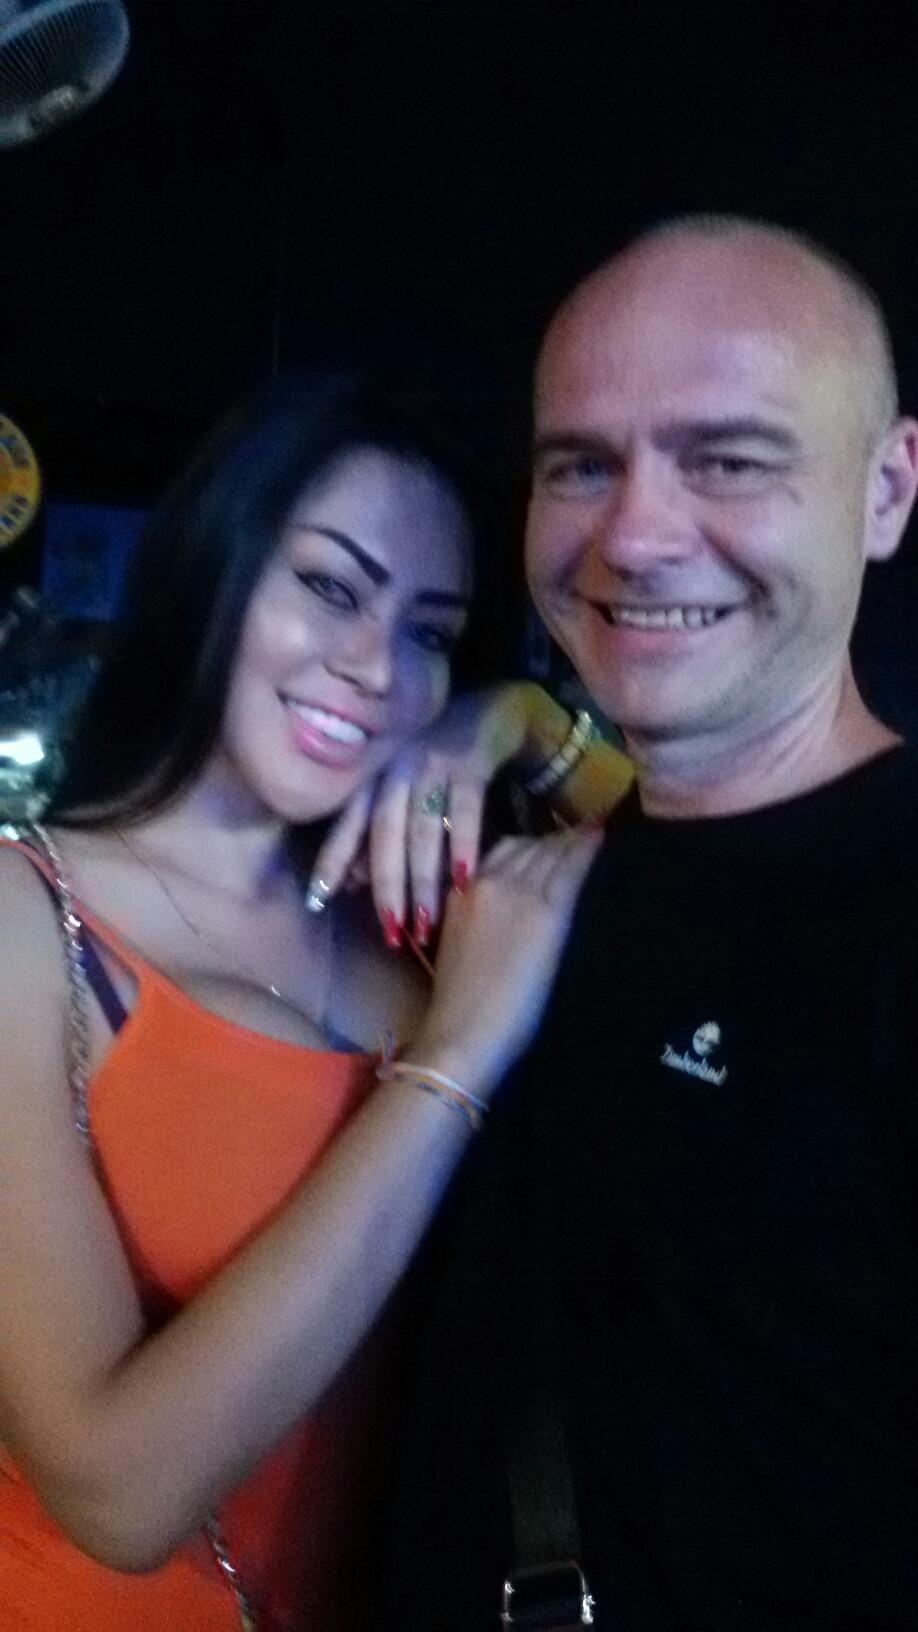 мысль )))) супер порно жена палит мужа с любовницей извиняюсь, но, по-моему